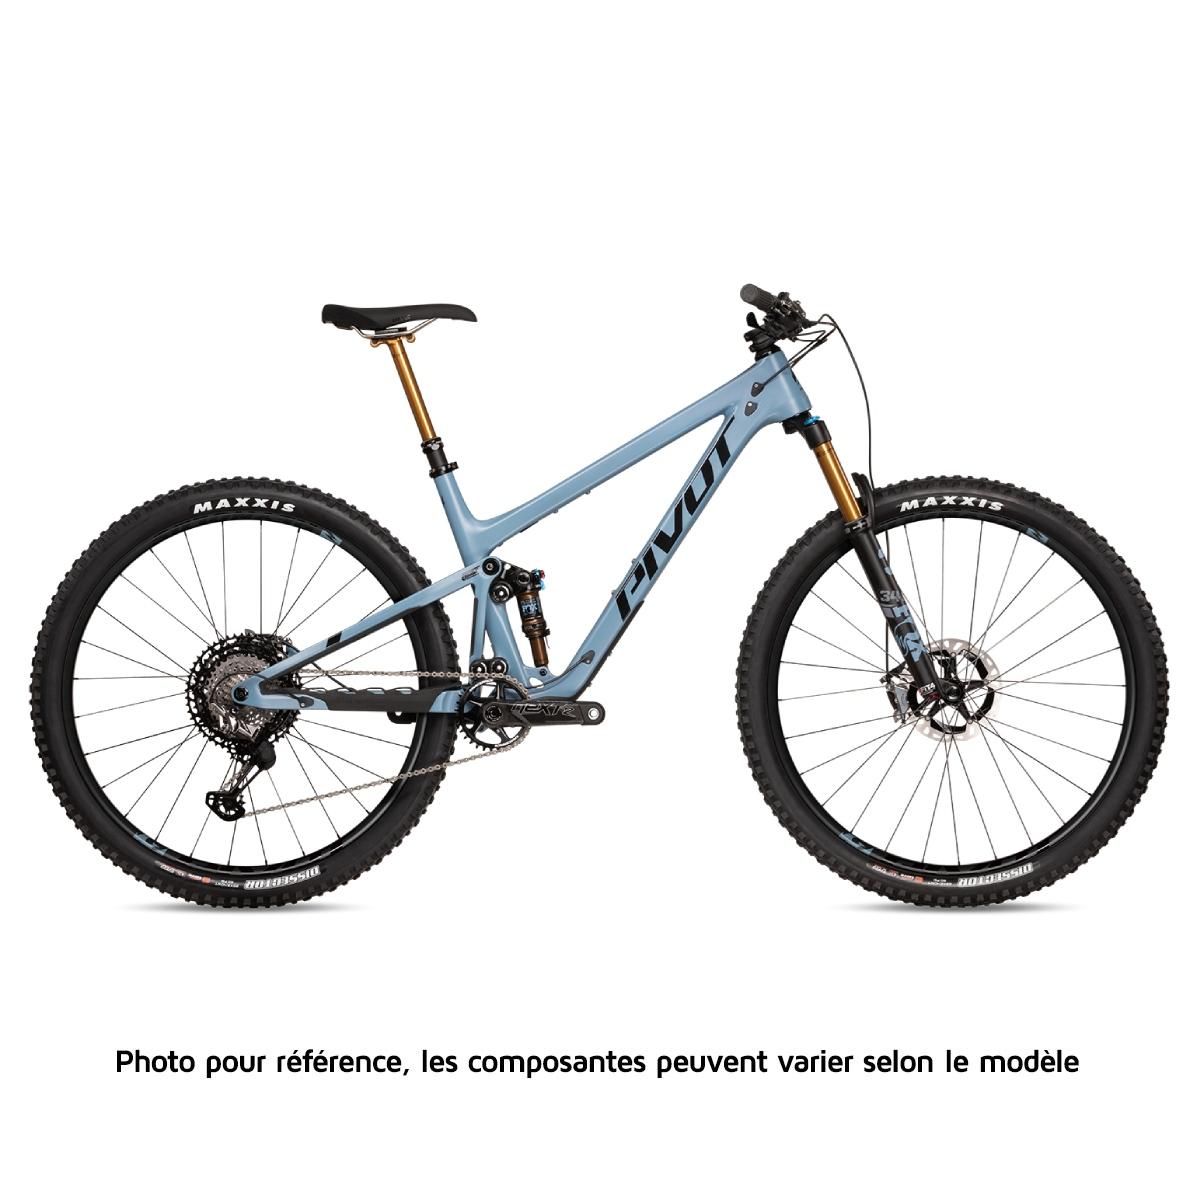 pivot-trail-429-29-pouces-pro-xtr-ls-6034